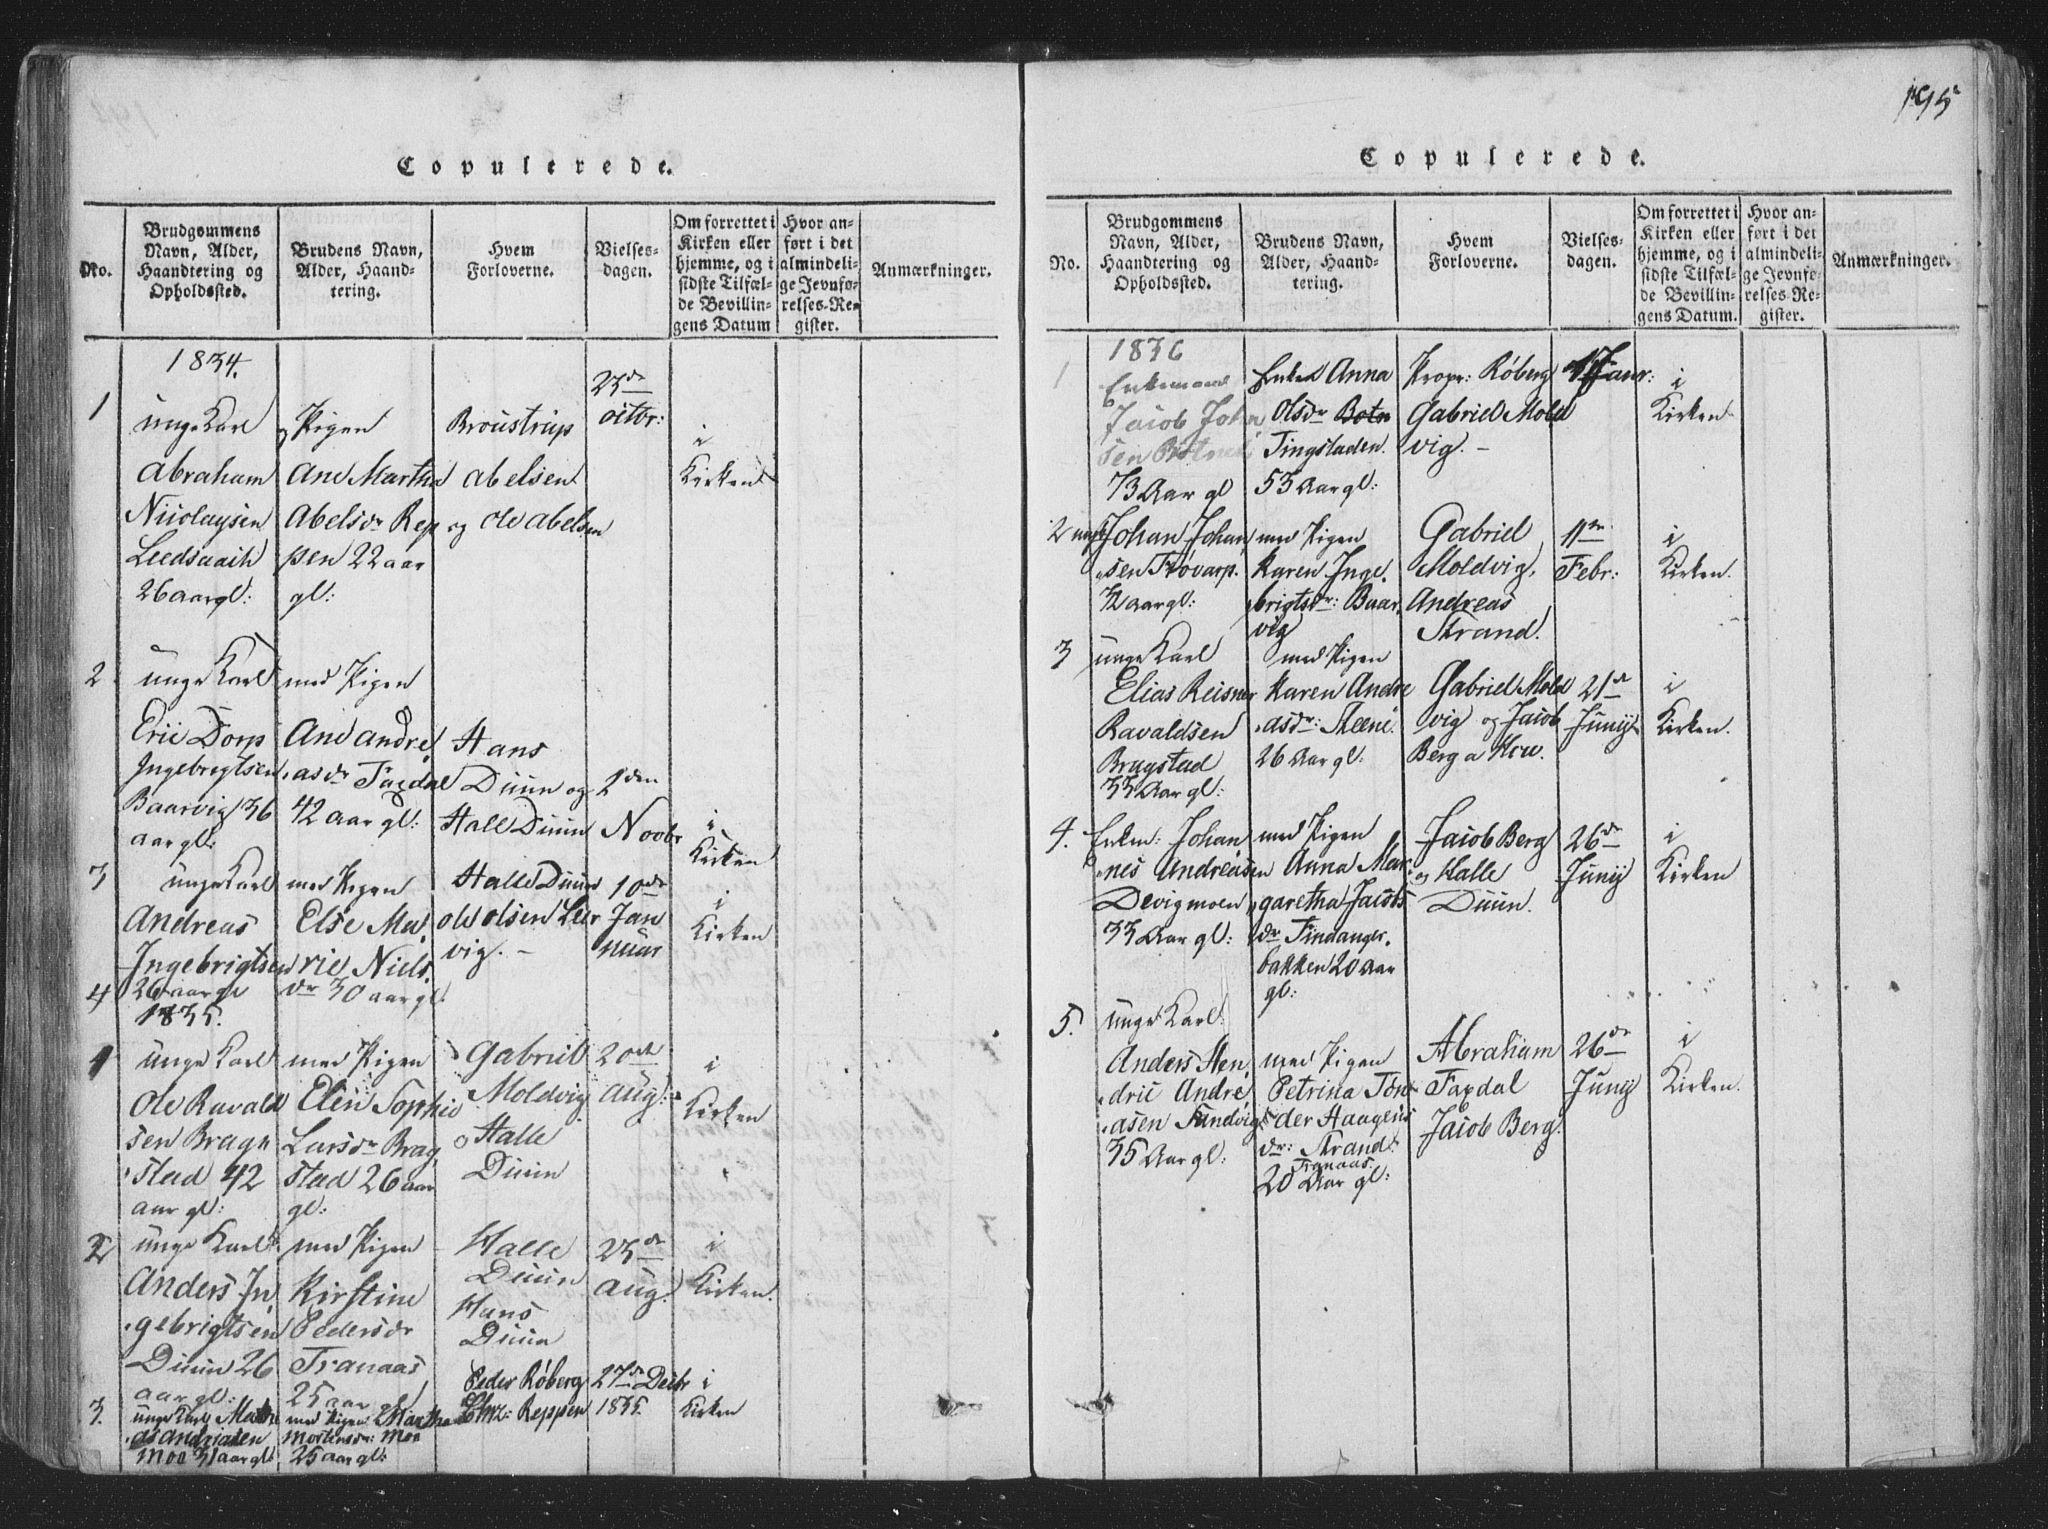 SAT, Ministerialprotokoller, klokkerbøker og fødselsregistre - Nord-Trøndelag, 773/L0613: Ministerialbok nr. 773A04, 1815-1845, s. 195